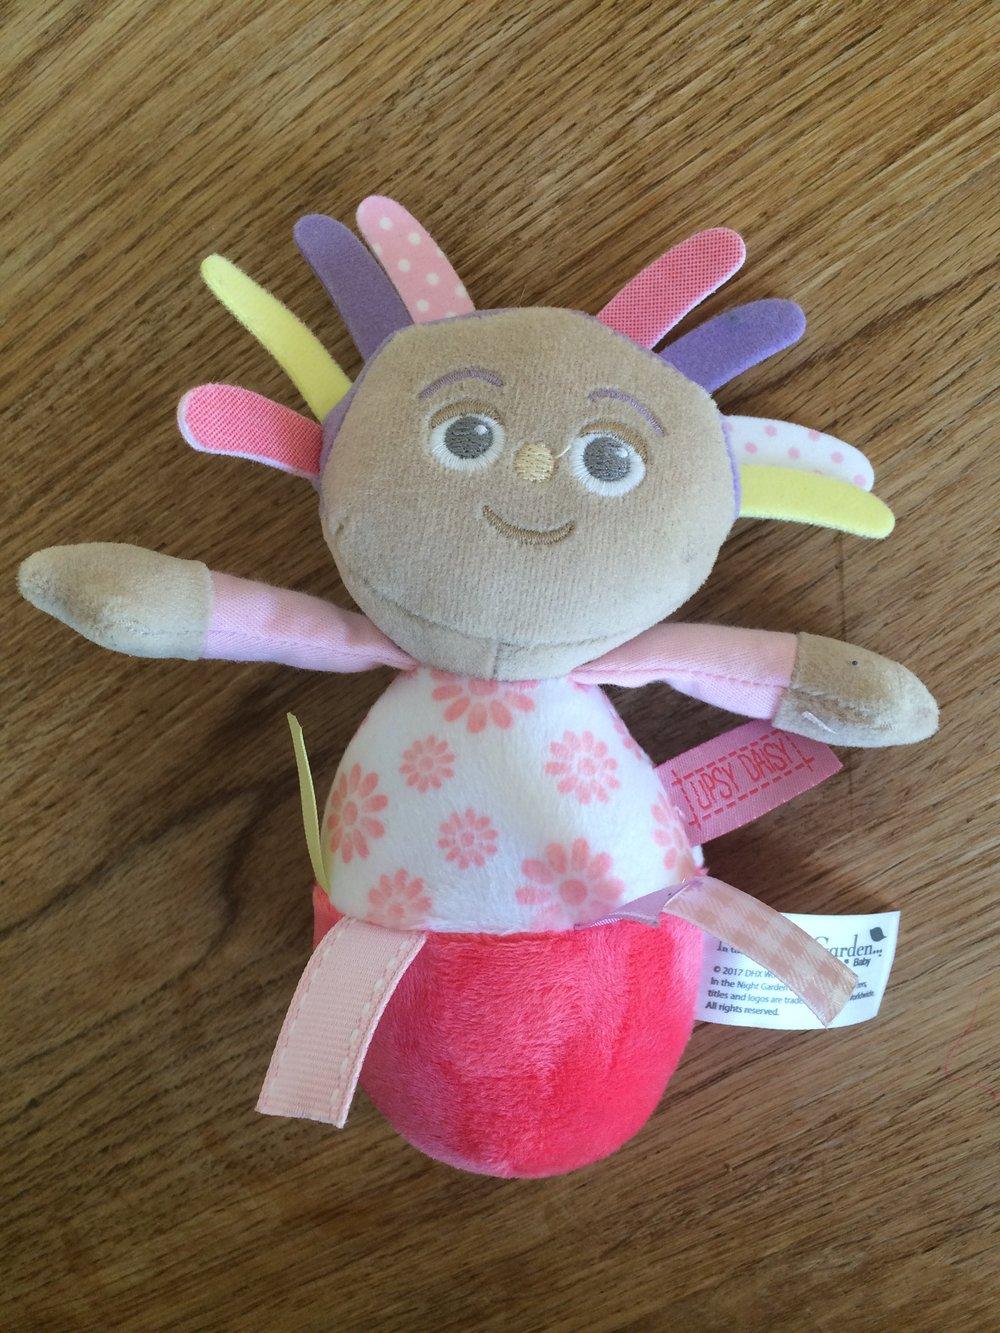 Upsy Daisy Chime toy